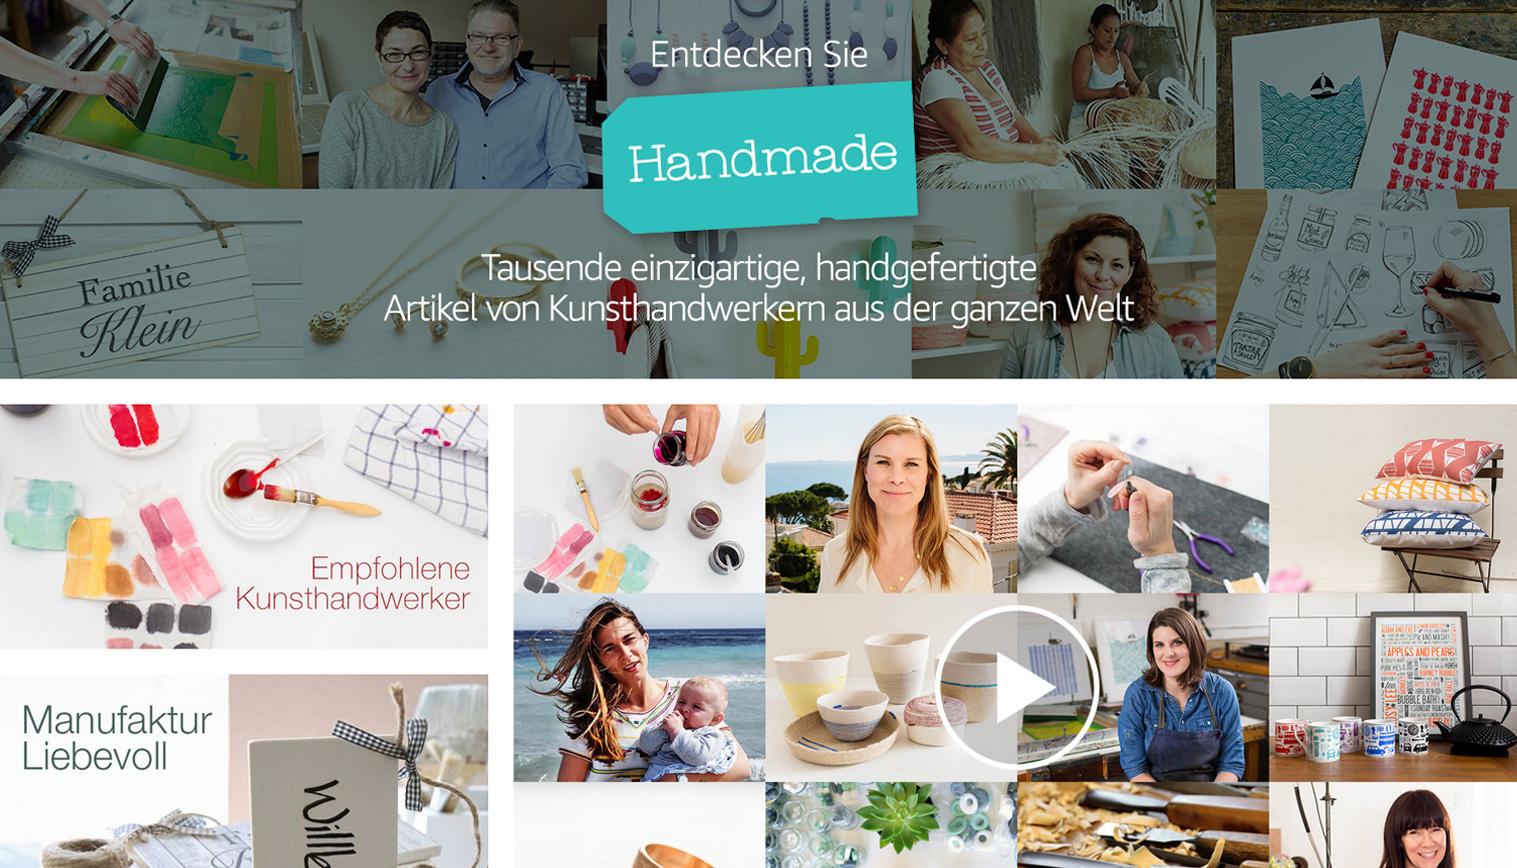 Amazon Handmade Deutschland Kategorien Schmuck, Wohnen, Accessoires, Pottery, Holz, Leder, Kleidung